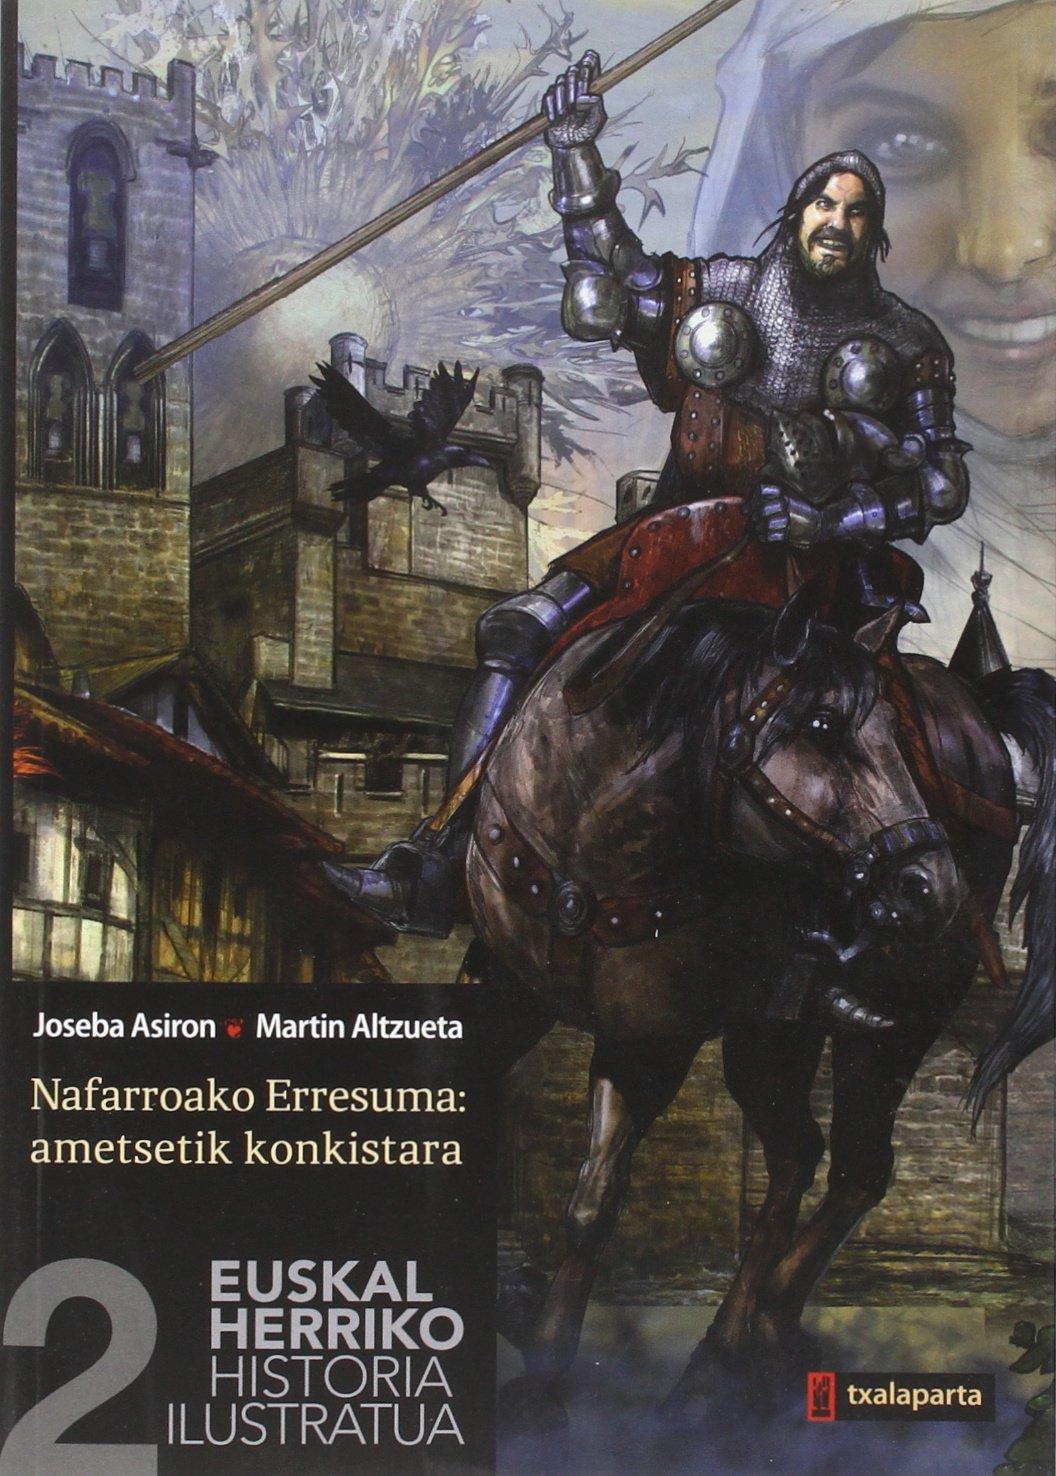 Euskal Herriko Historia Ilustratua 2 - Nafarroako Erresuma: Ametsetik Konkistara (Amaiur) (Euskera) Tapa blanda – 3 jun 2015 Joseba Asiron Martin (il.) Altzueta Txalaparta 8416350191